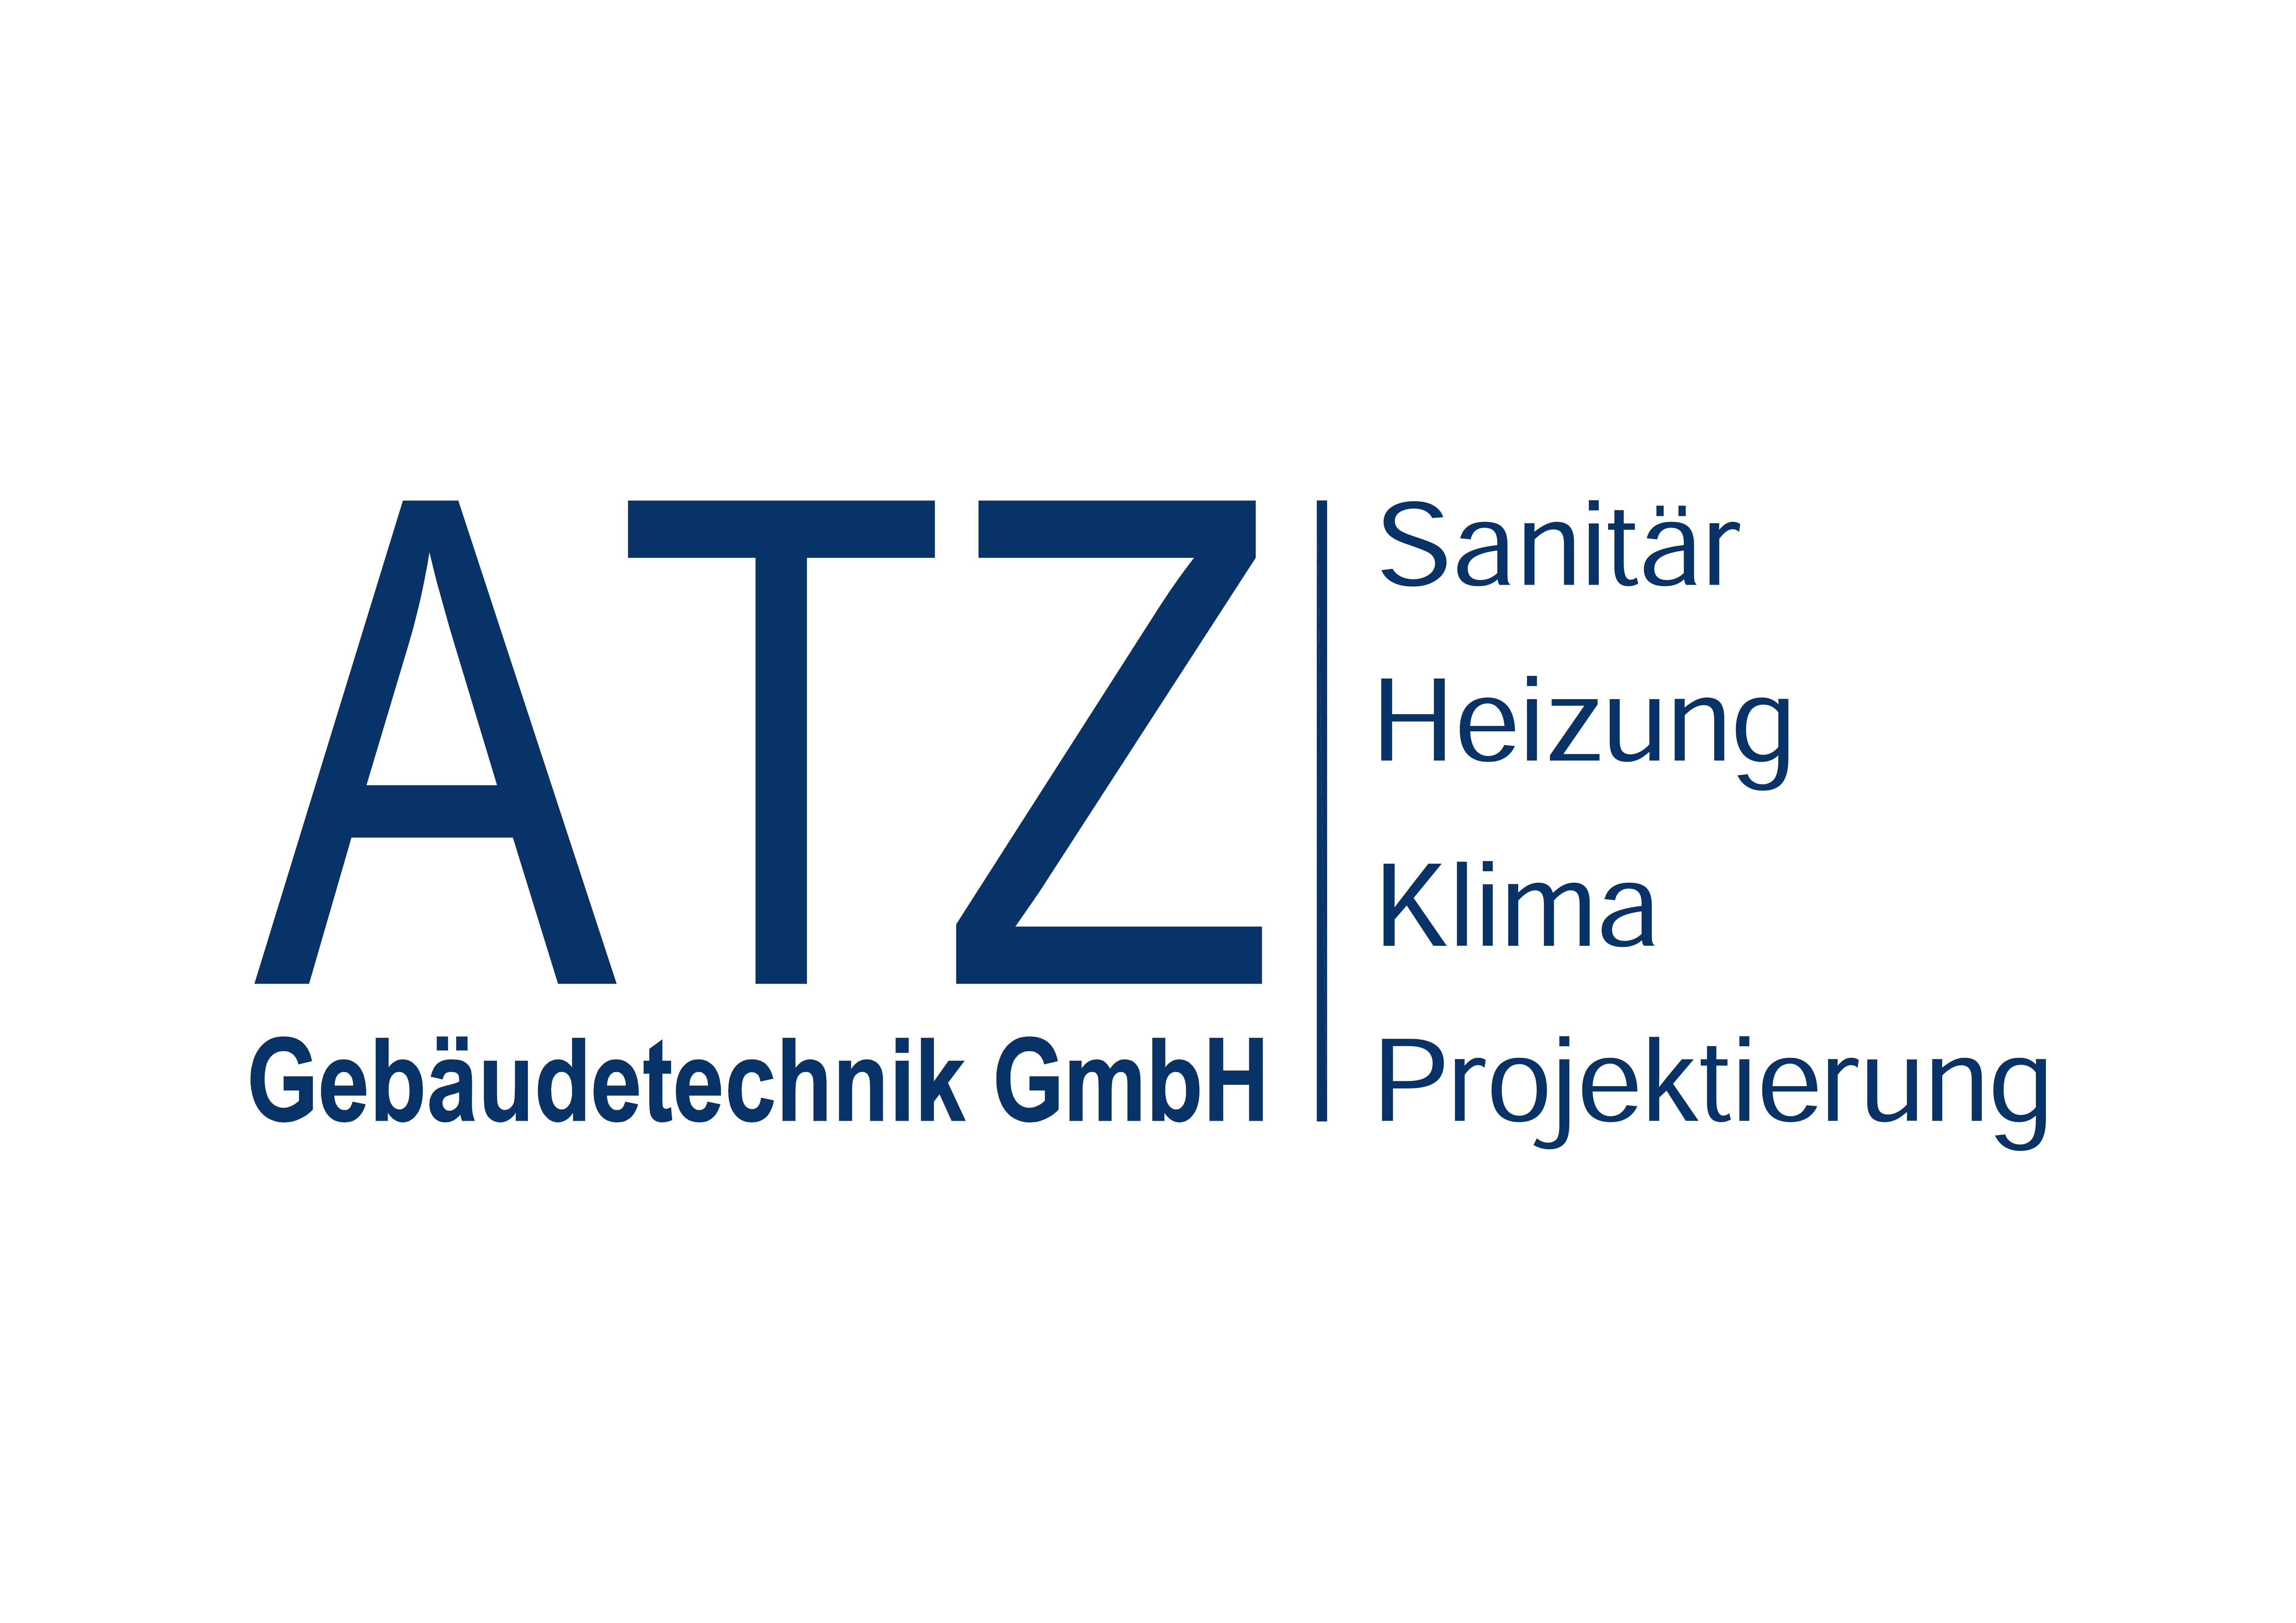 ATZ Gebäudetechnik GmbH